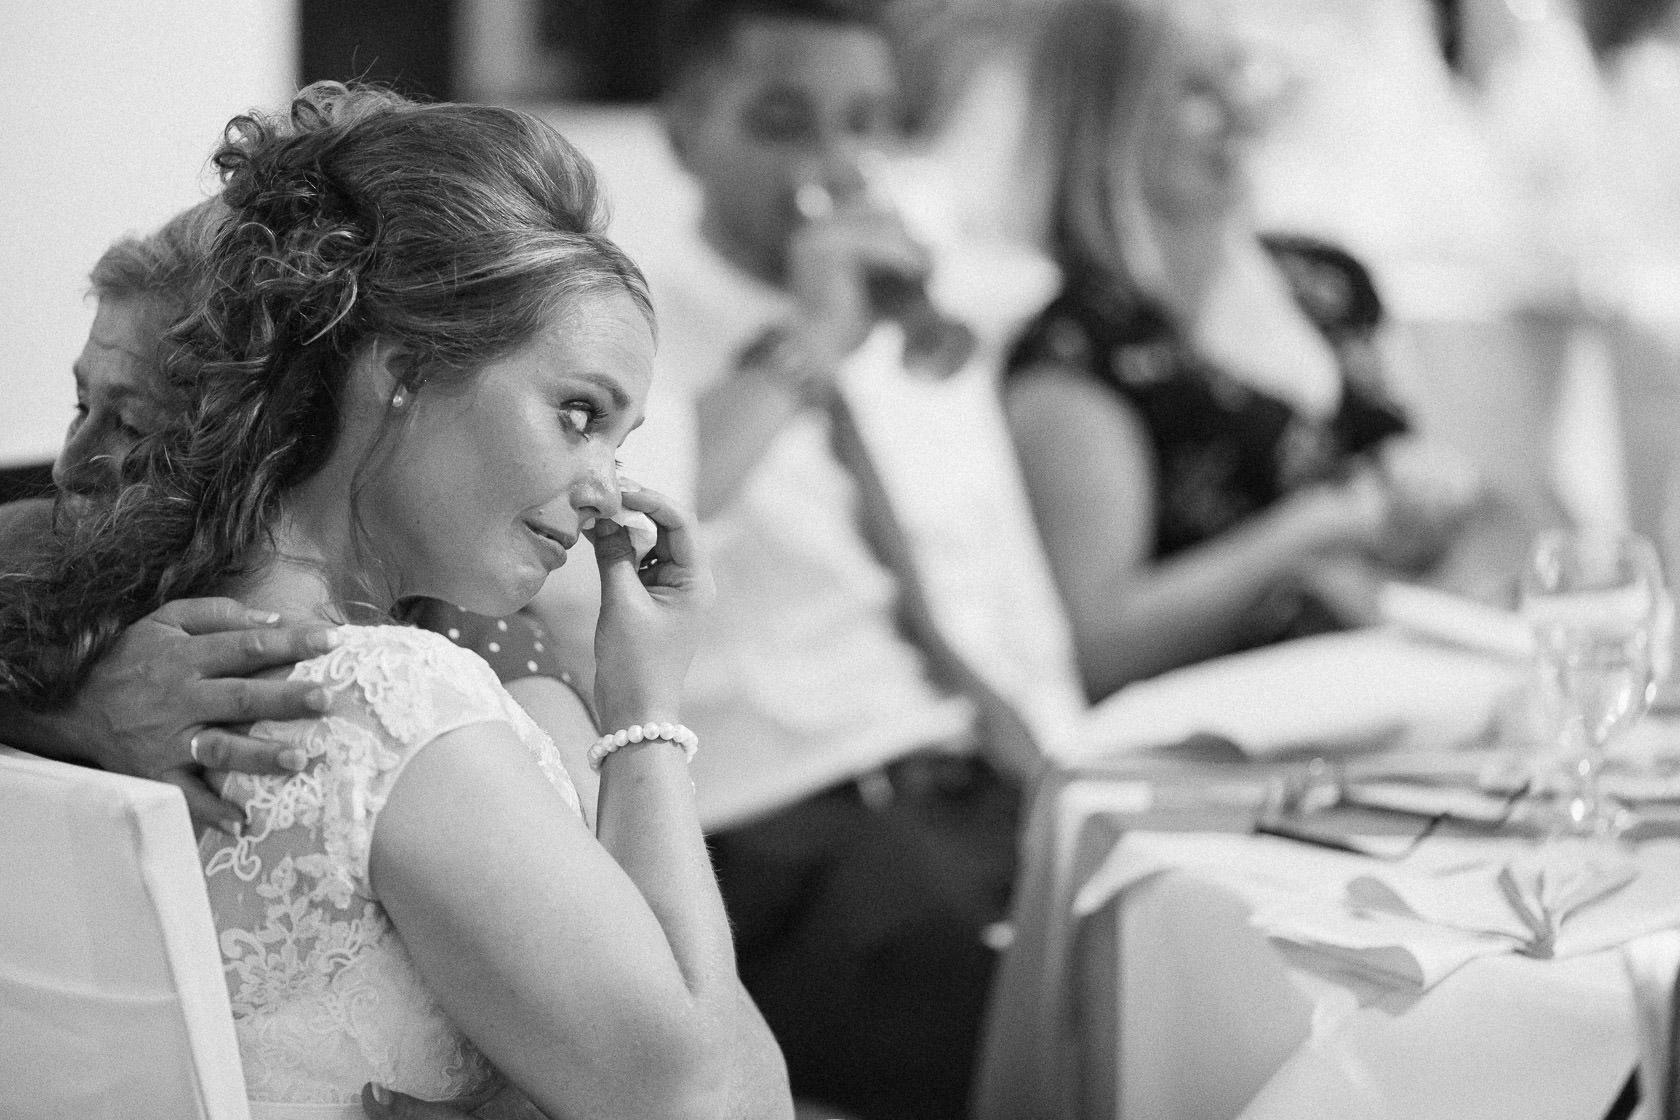 Blauweiße Hochzeit in Bad Kreuznach Feier im Hotel Fürstenhof Stimmung Mood Abendveranstaltung